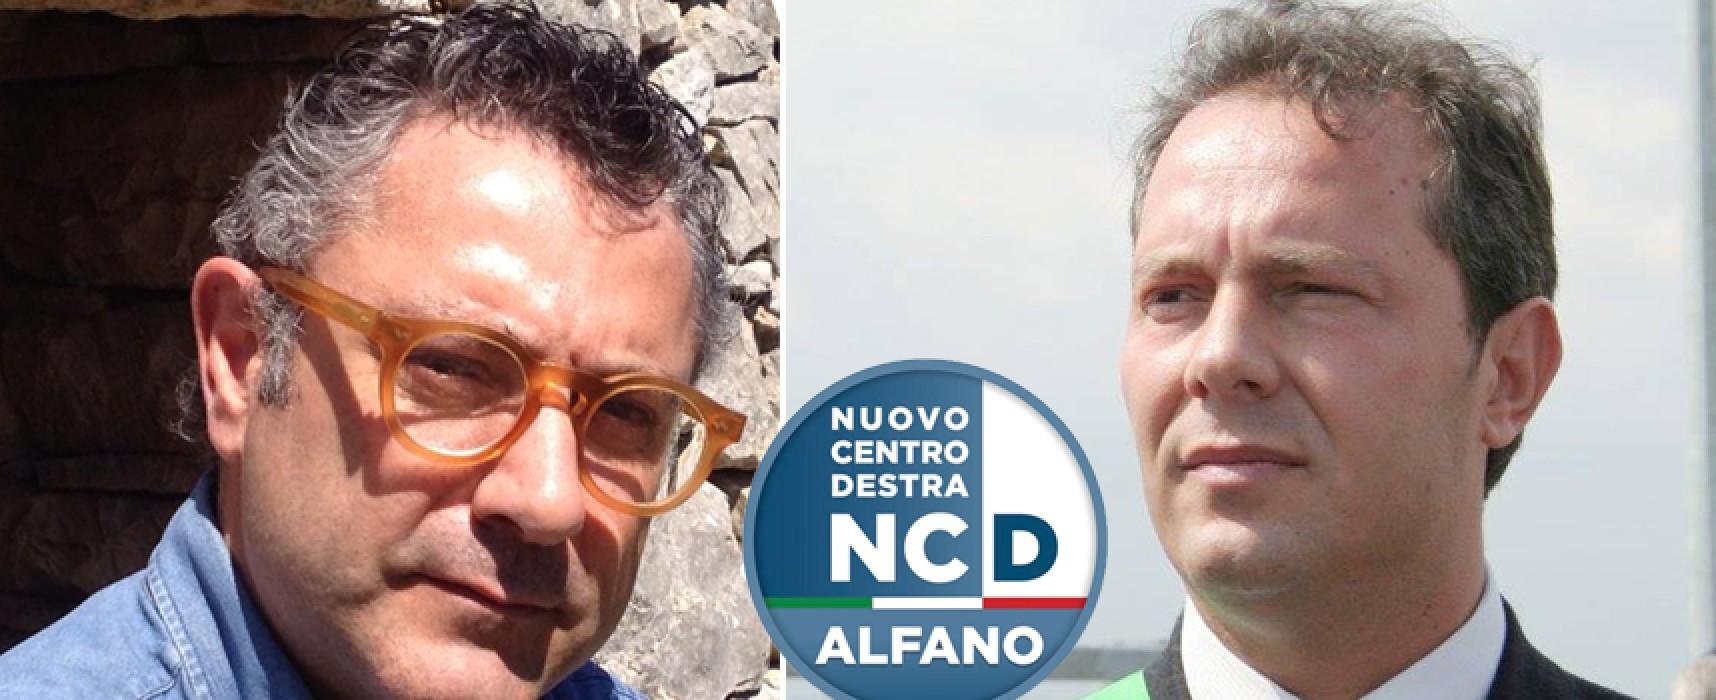 Europee, Ncd primo partito su M5S, Pd e Fi: dati definitivi e interviste a caldo